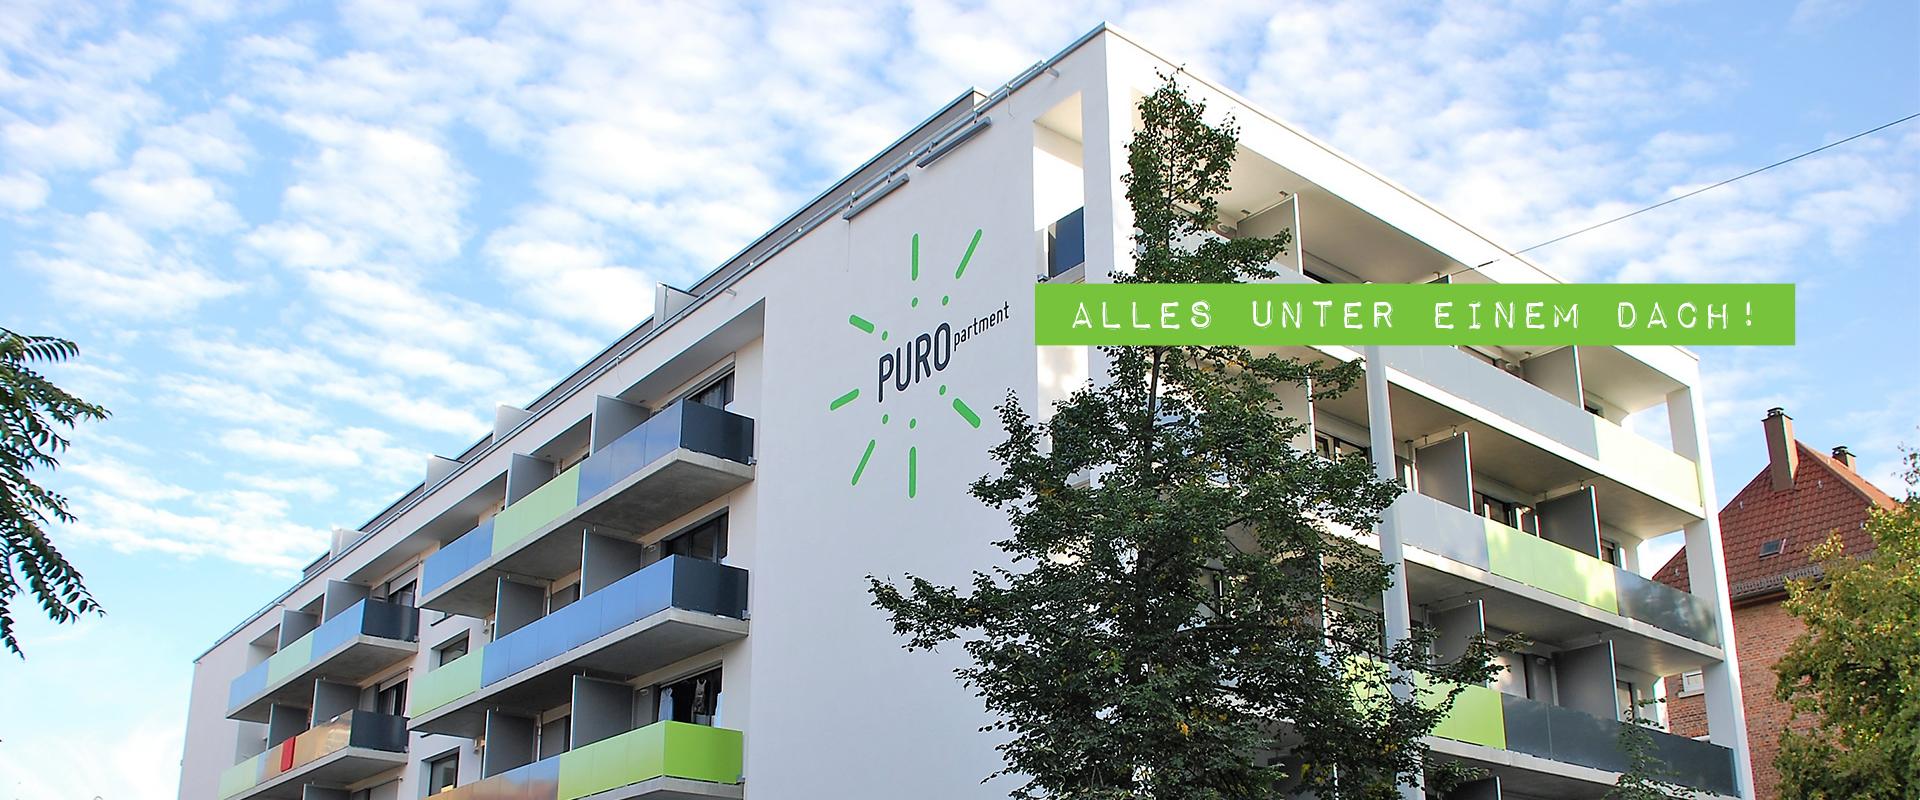 Studentwohnungen in Heilbronn - alles unter einem Dach - SPREEPOLIS